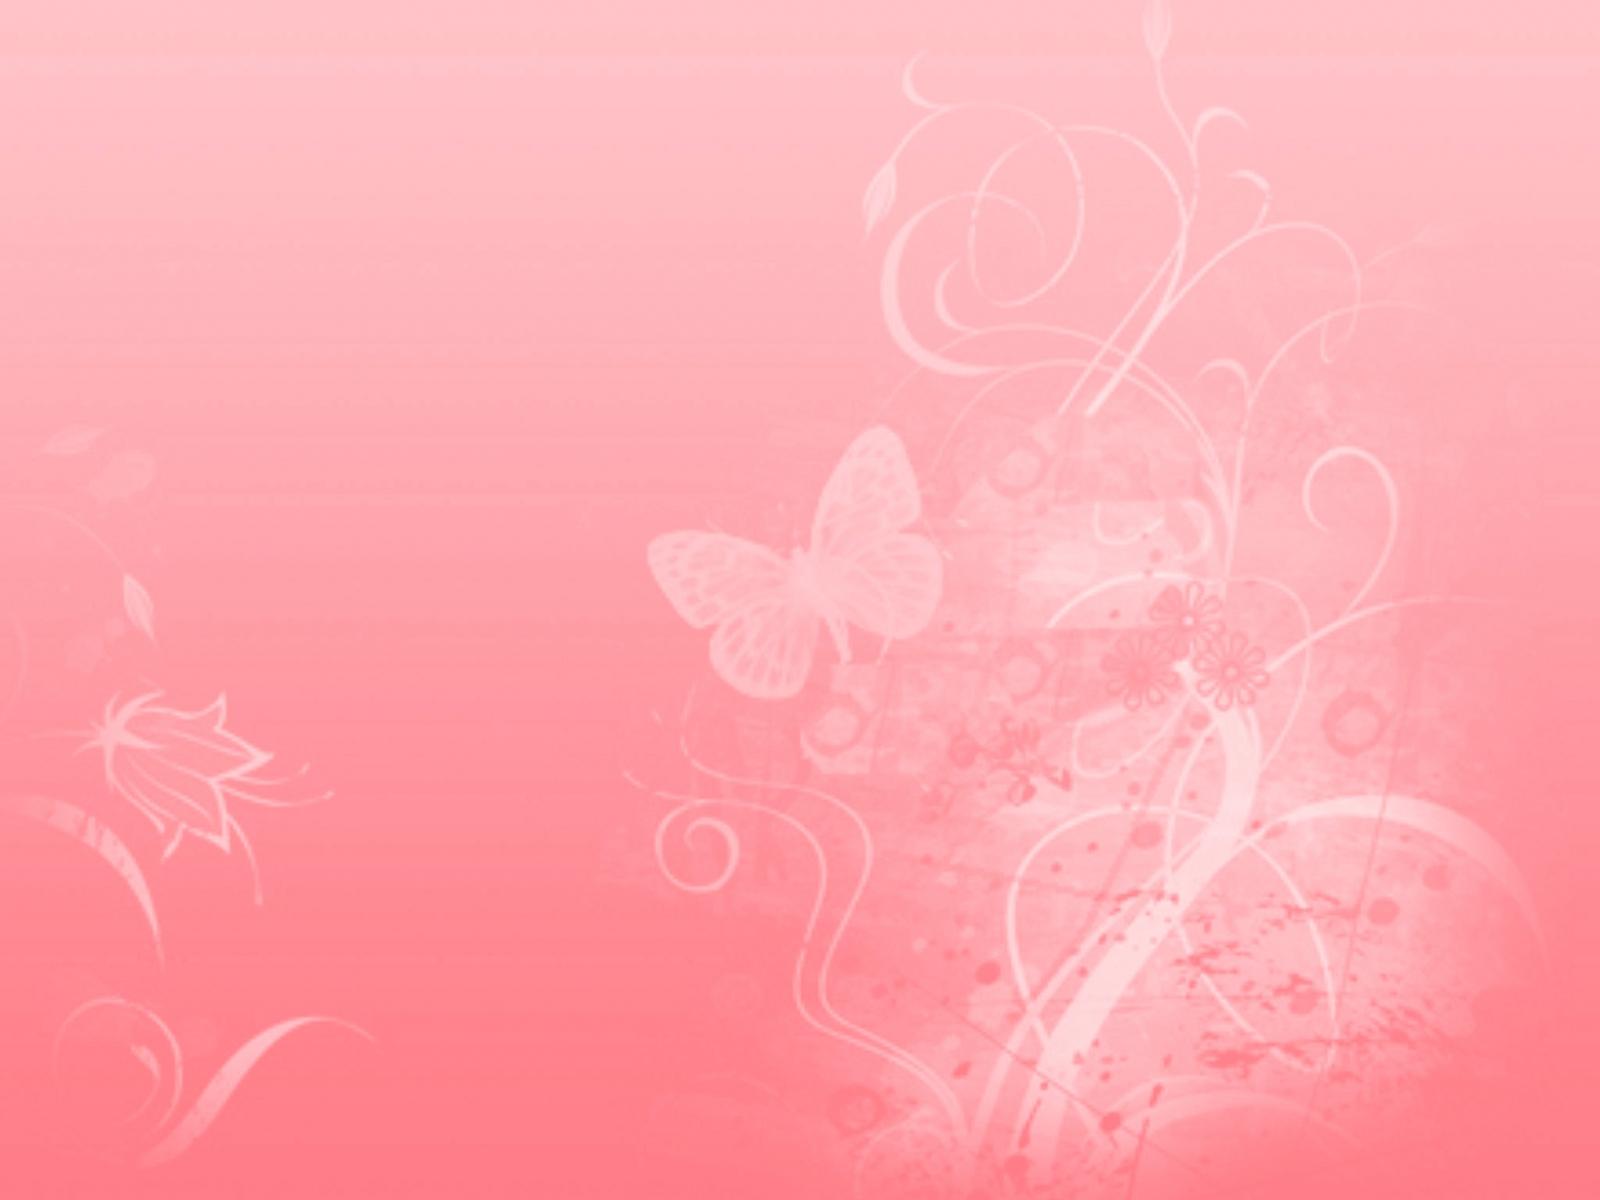 Light Pink Wallpaper 1600x1200 45227